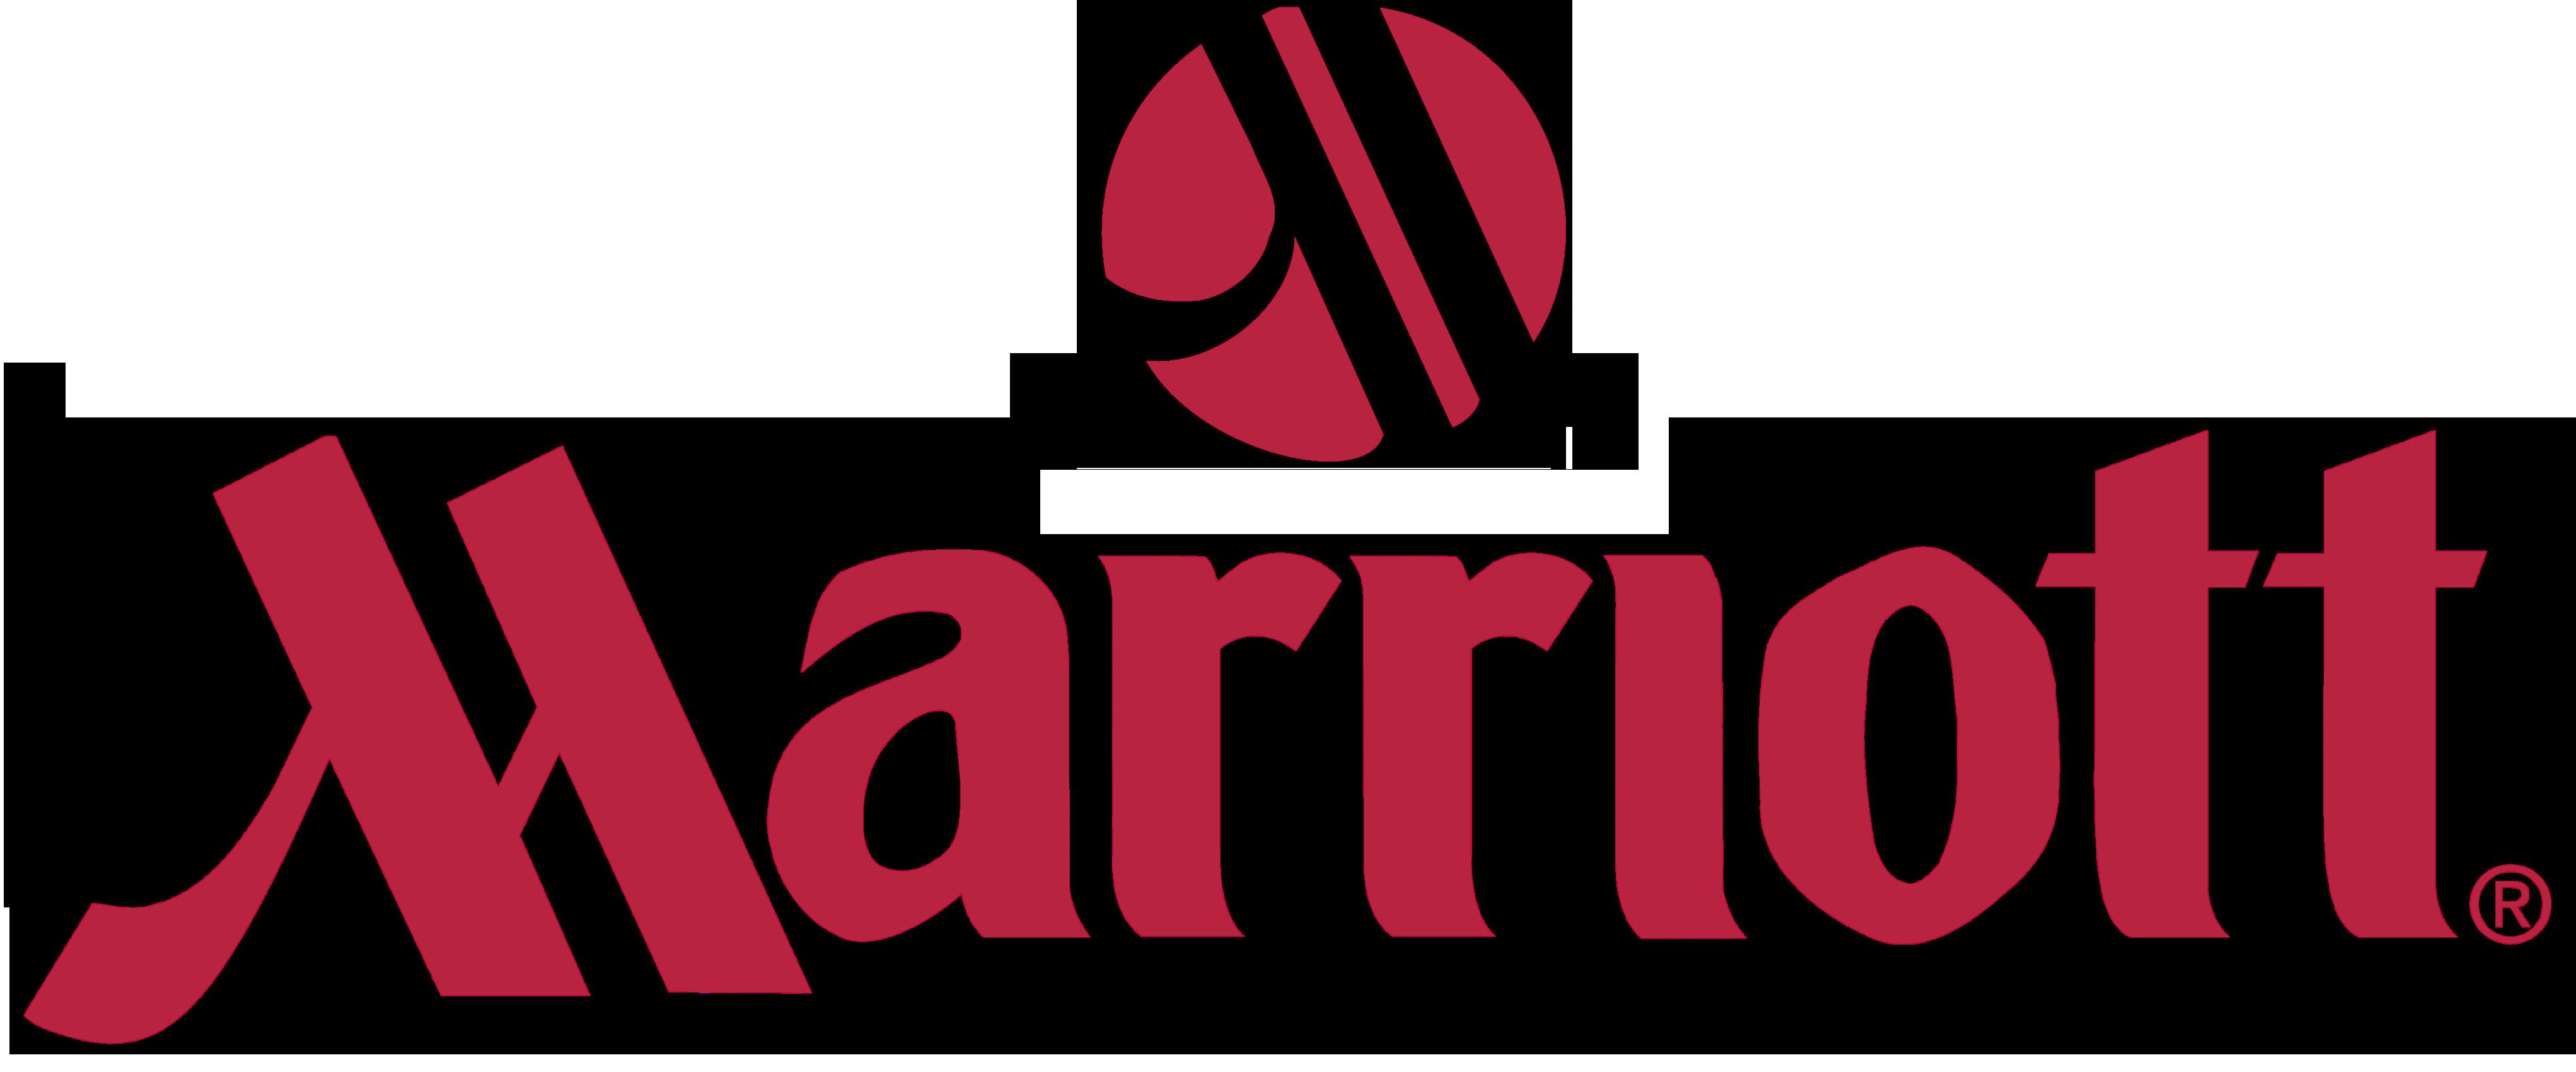 Travel Agency Marriott